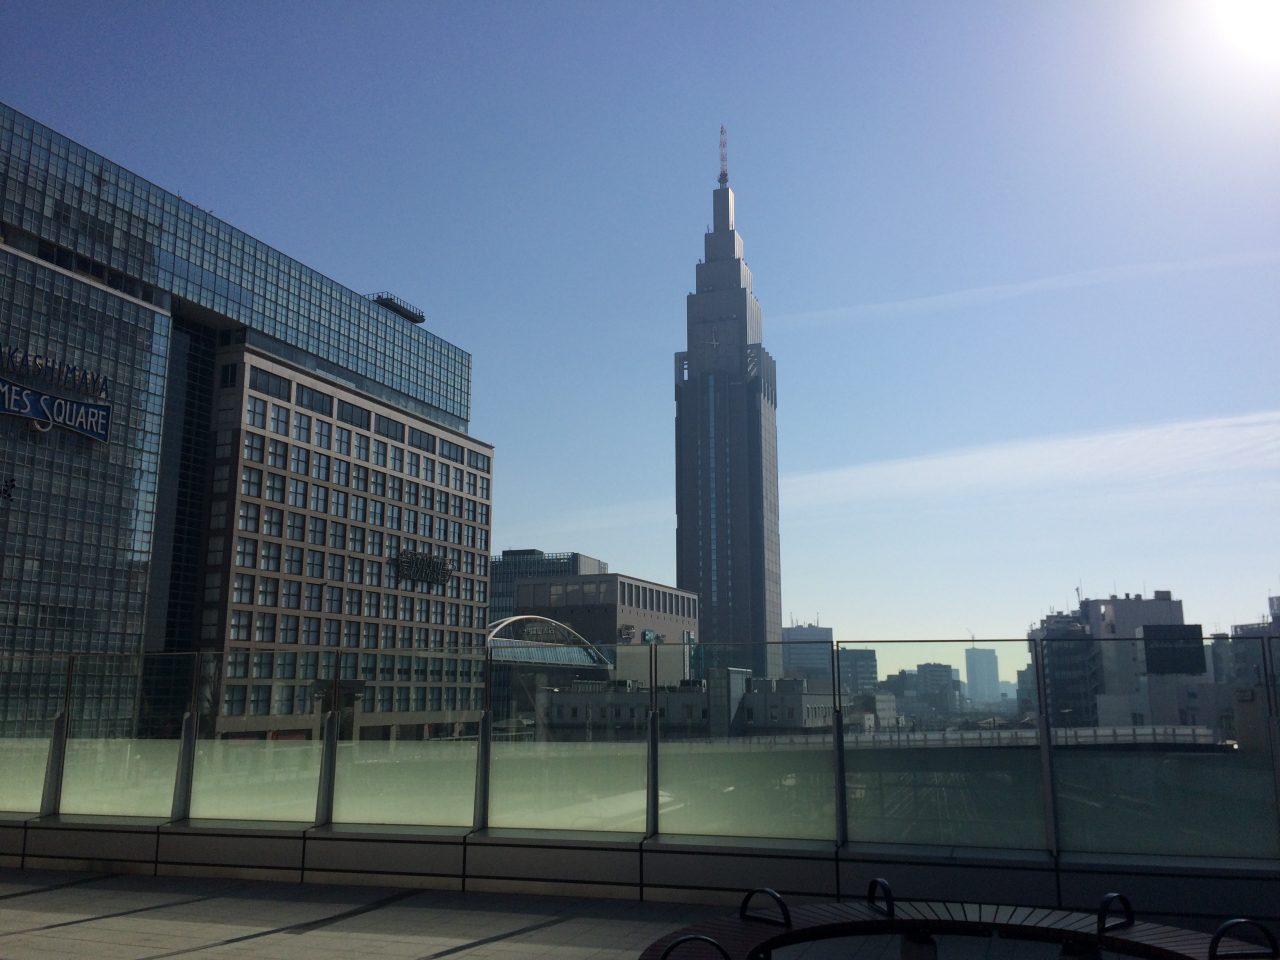 タカシマヤタイムズスクエアとNTTドコモ代々木ビルの写真